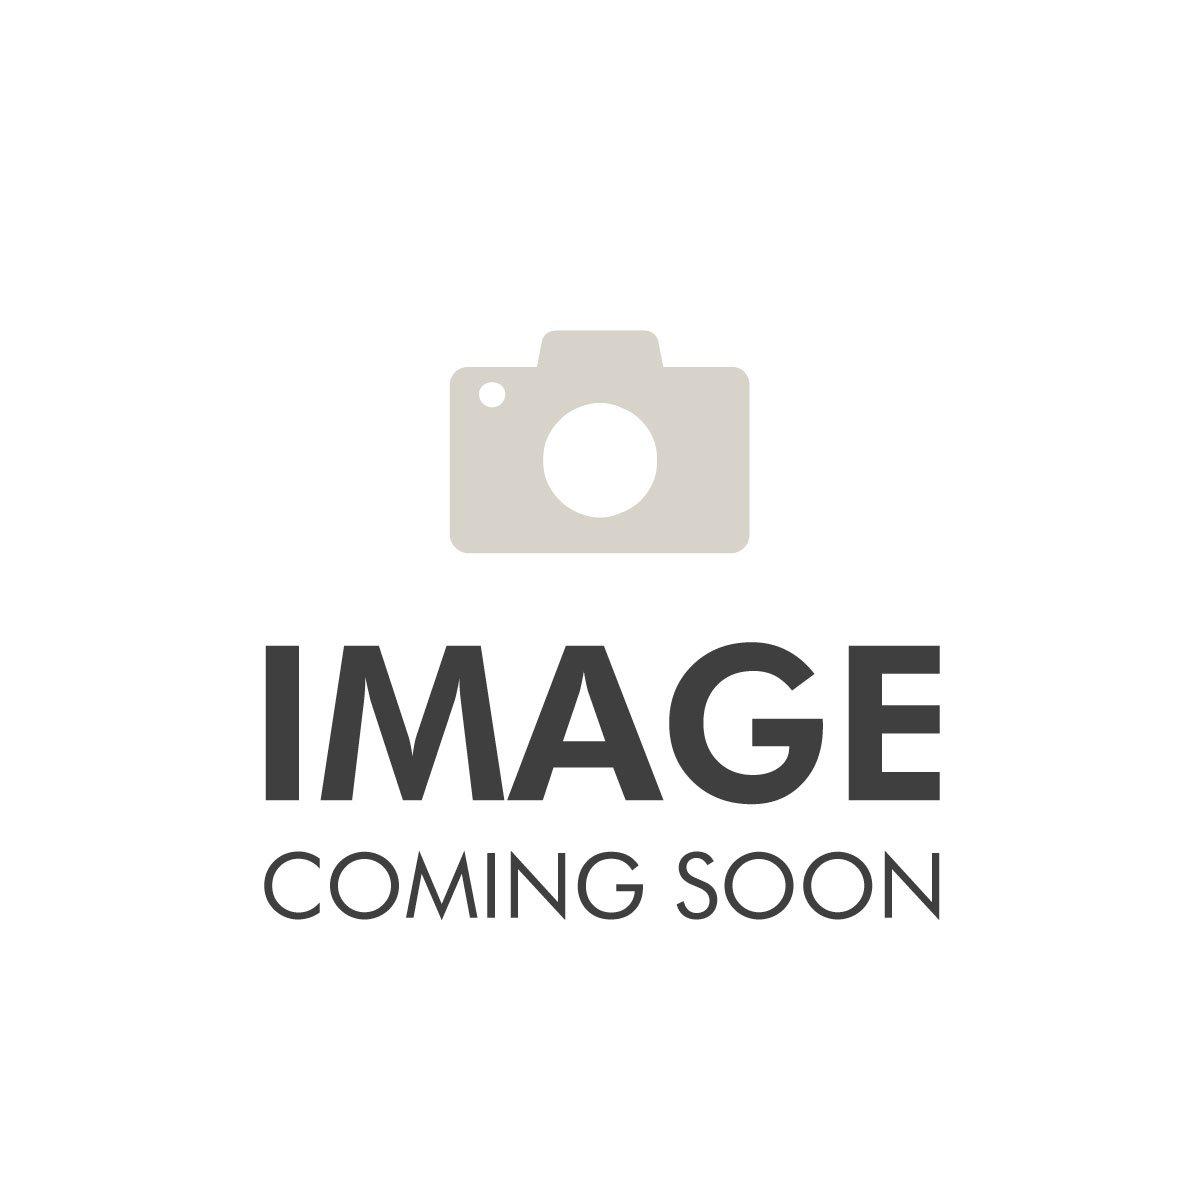 Sensai Kanebo Mascara 38C Black Separating And Lengthening